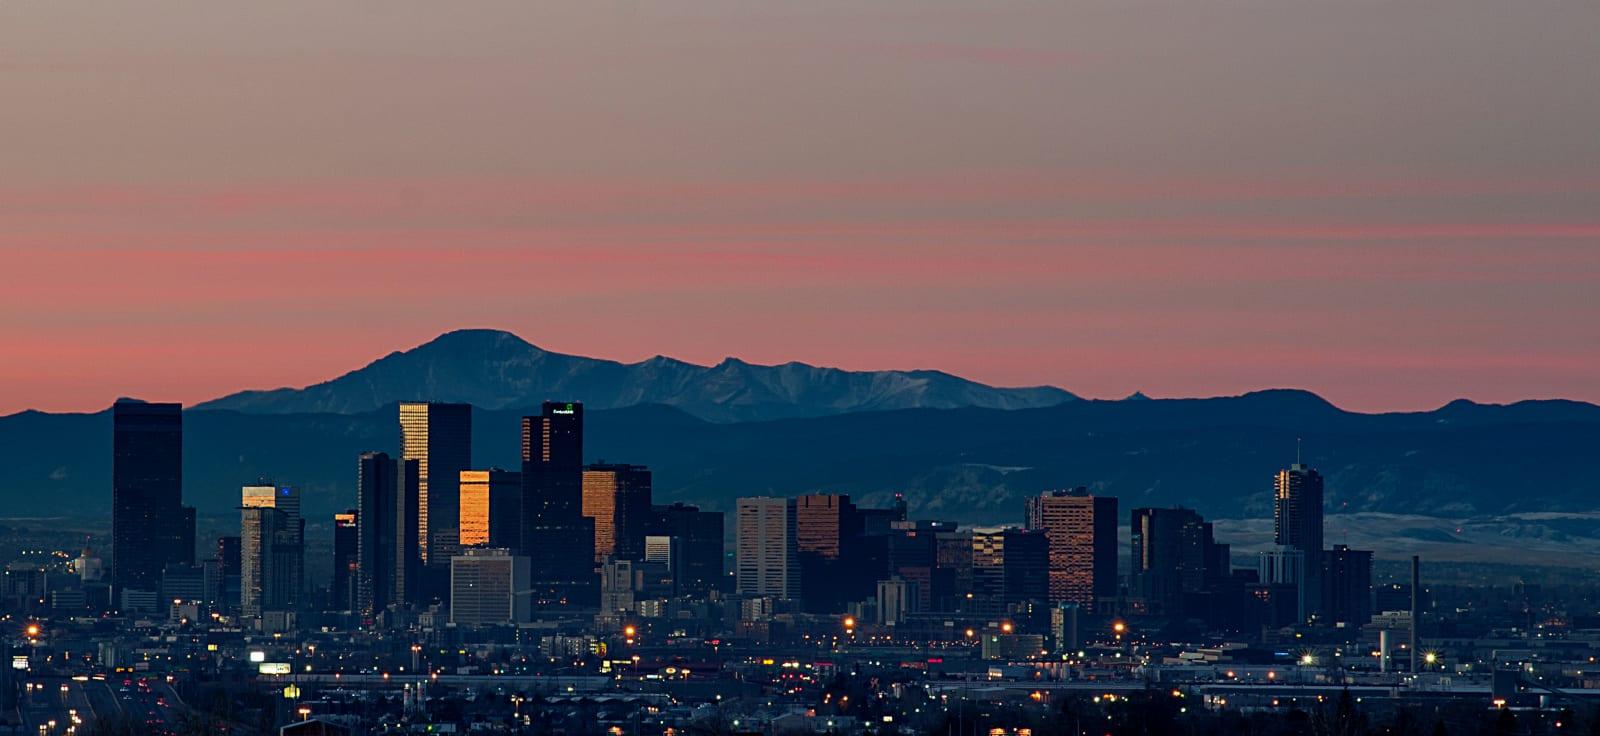 Freelance Colorado 5:52AM Denver Sunrise